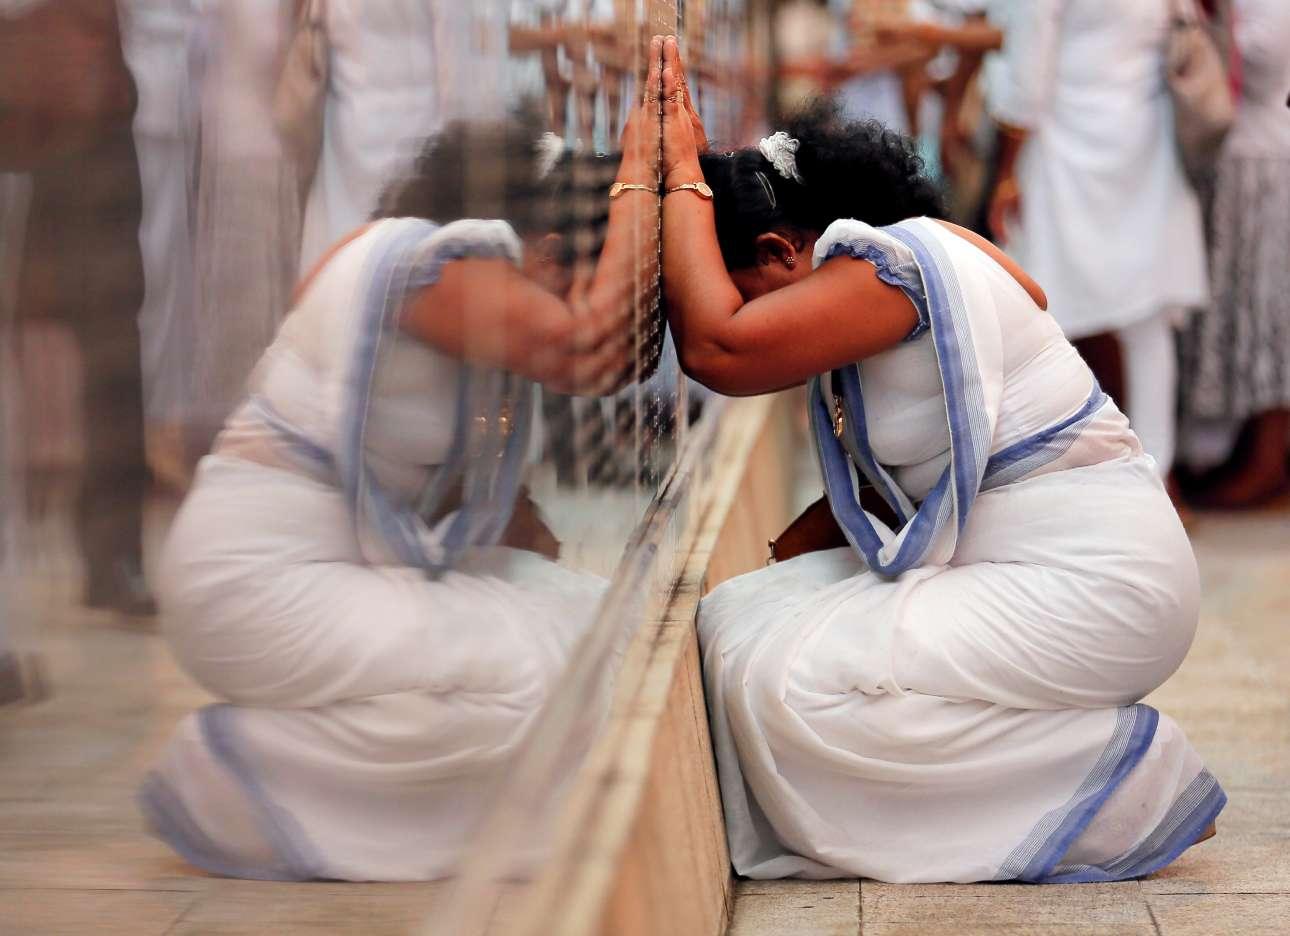 Συγγενής ενός στρατιώτη, ο οποίος πέθανε κατά τον εμφύλιο πόλεμο της Σρι Λάνκα, κλαίει σε μνημείο, στο Κολόμπο, για τα θύματα του πολέμου κατά τη διάρκεια τελετής με αφορμή τη συμπλήρωση δέκα χρόνων από τη λήξη του εμφύλιου πολέμου μεταξύ των Ταμίλ και των κυβερνητικών στρατευμάτων